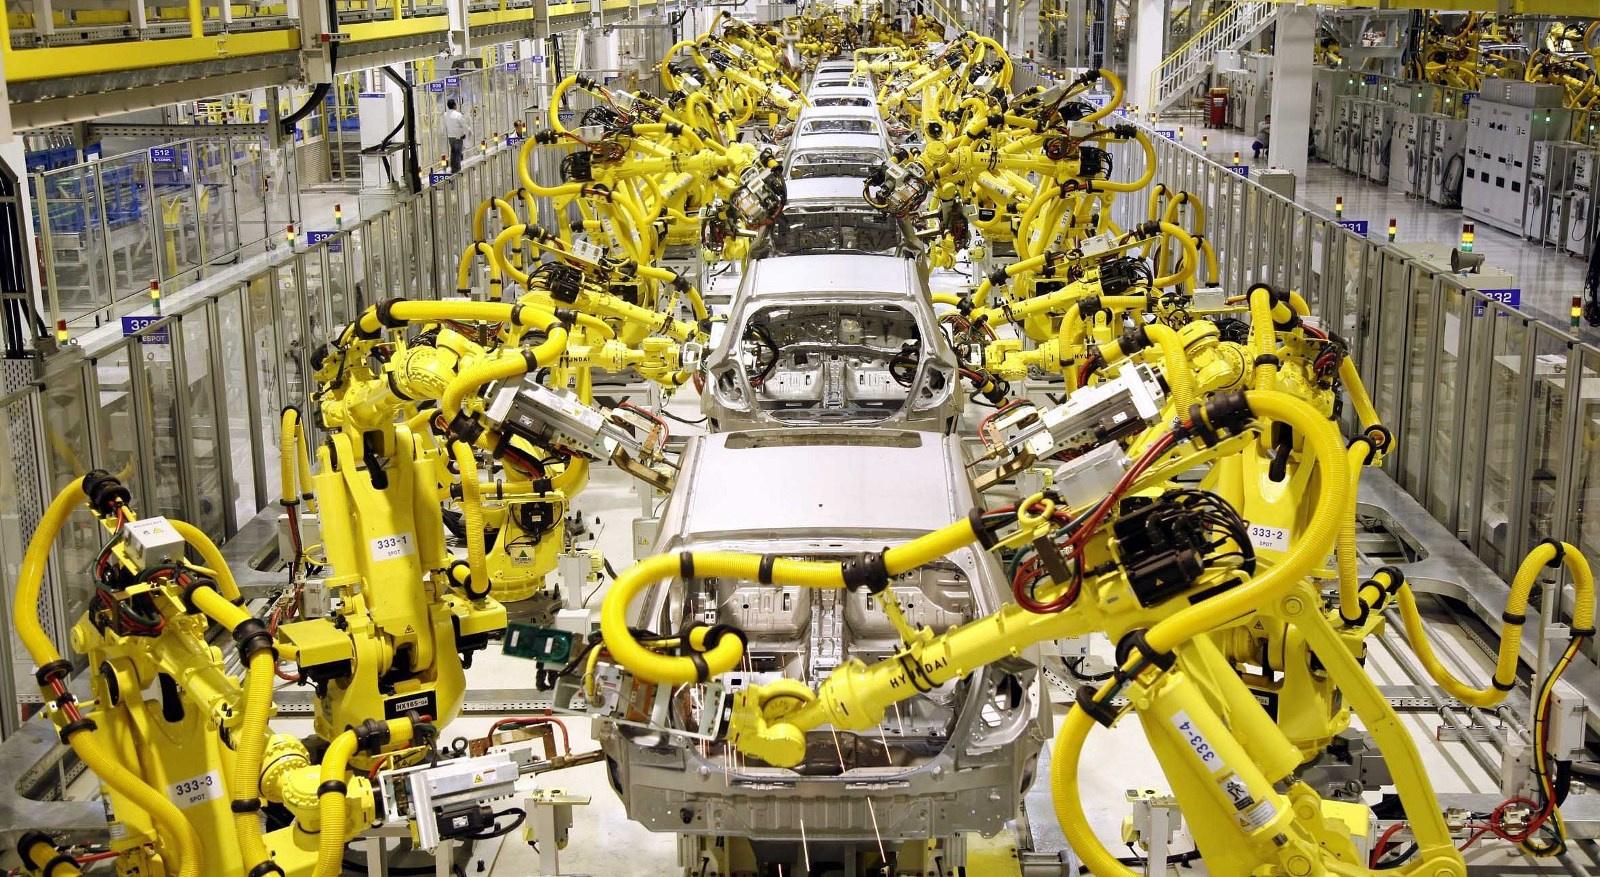 Работа и безработица будущего: безусловный базовый доход - 1